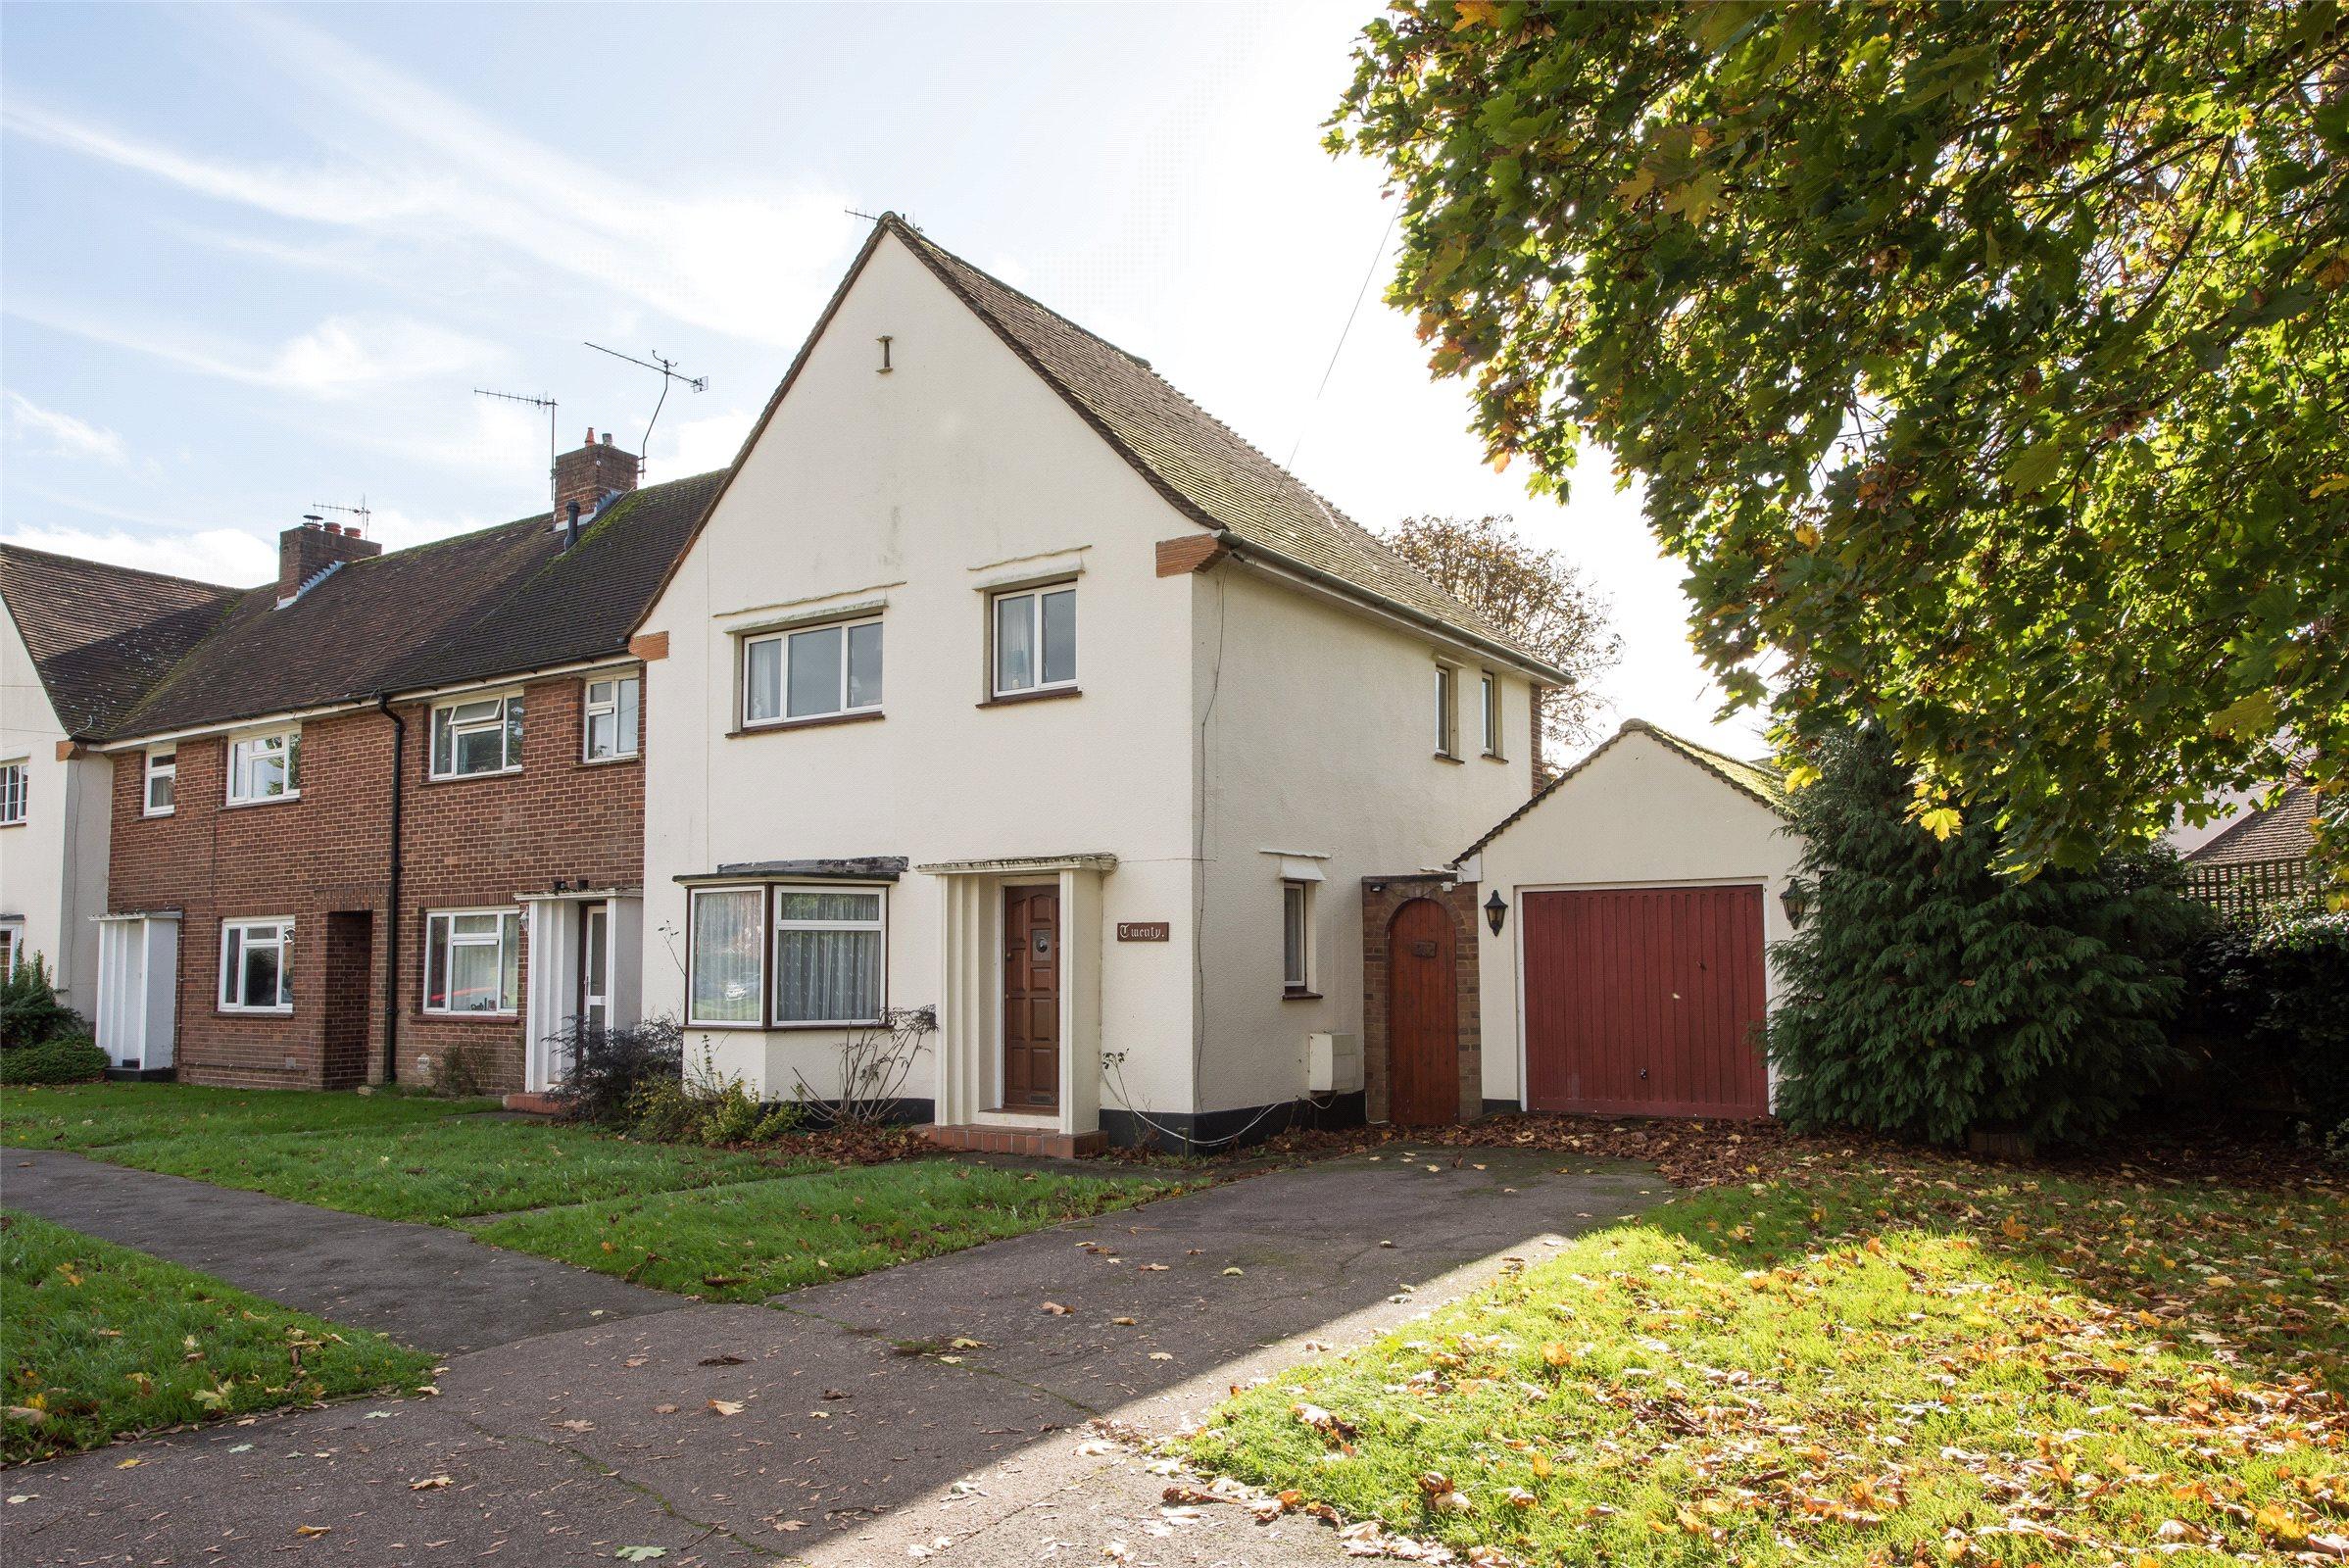 3 Bedrooms End Of Terrace House for sale in Dodds Park, Brockham, Betchworth, Surrey, RH3